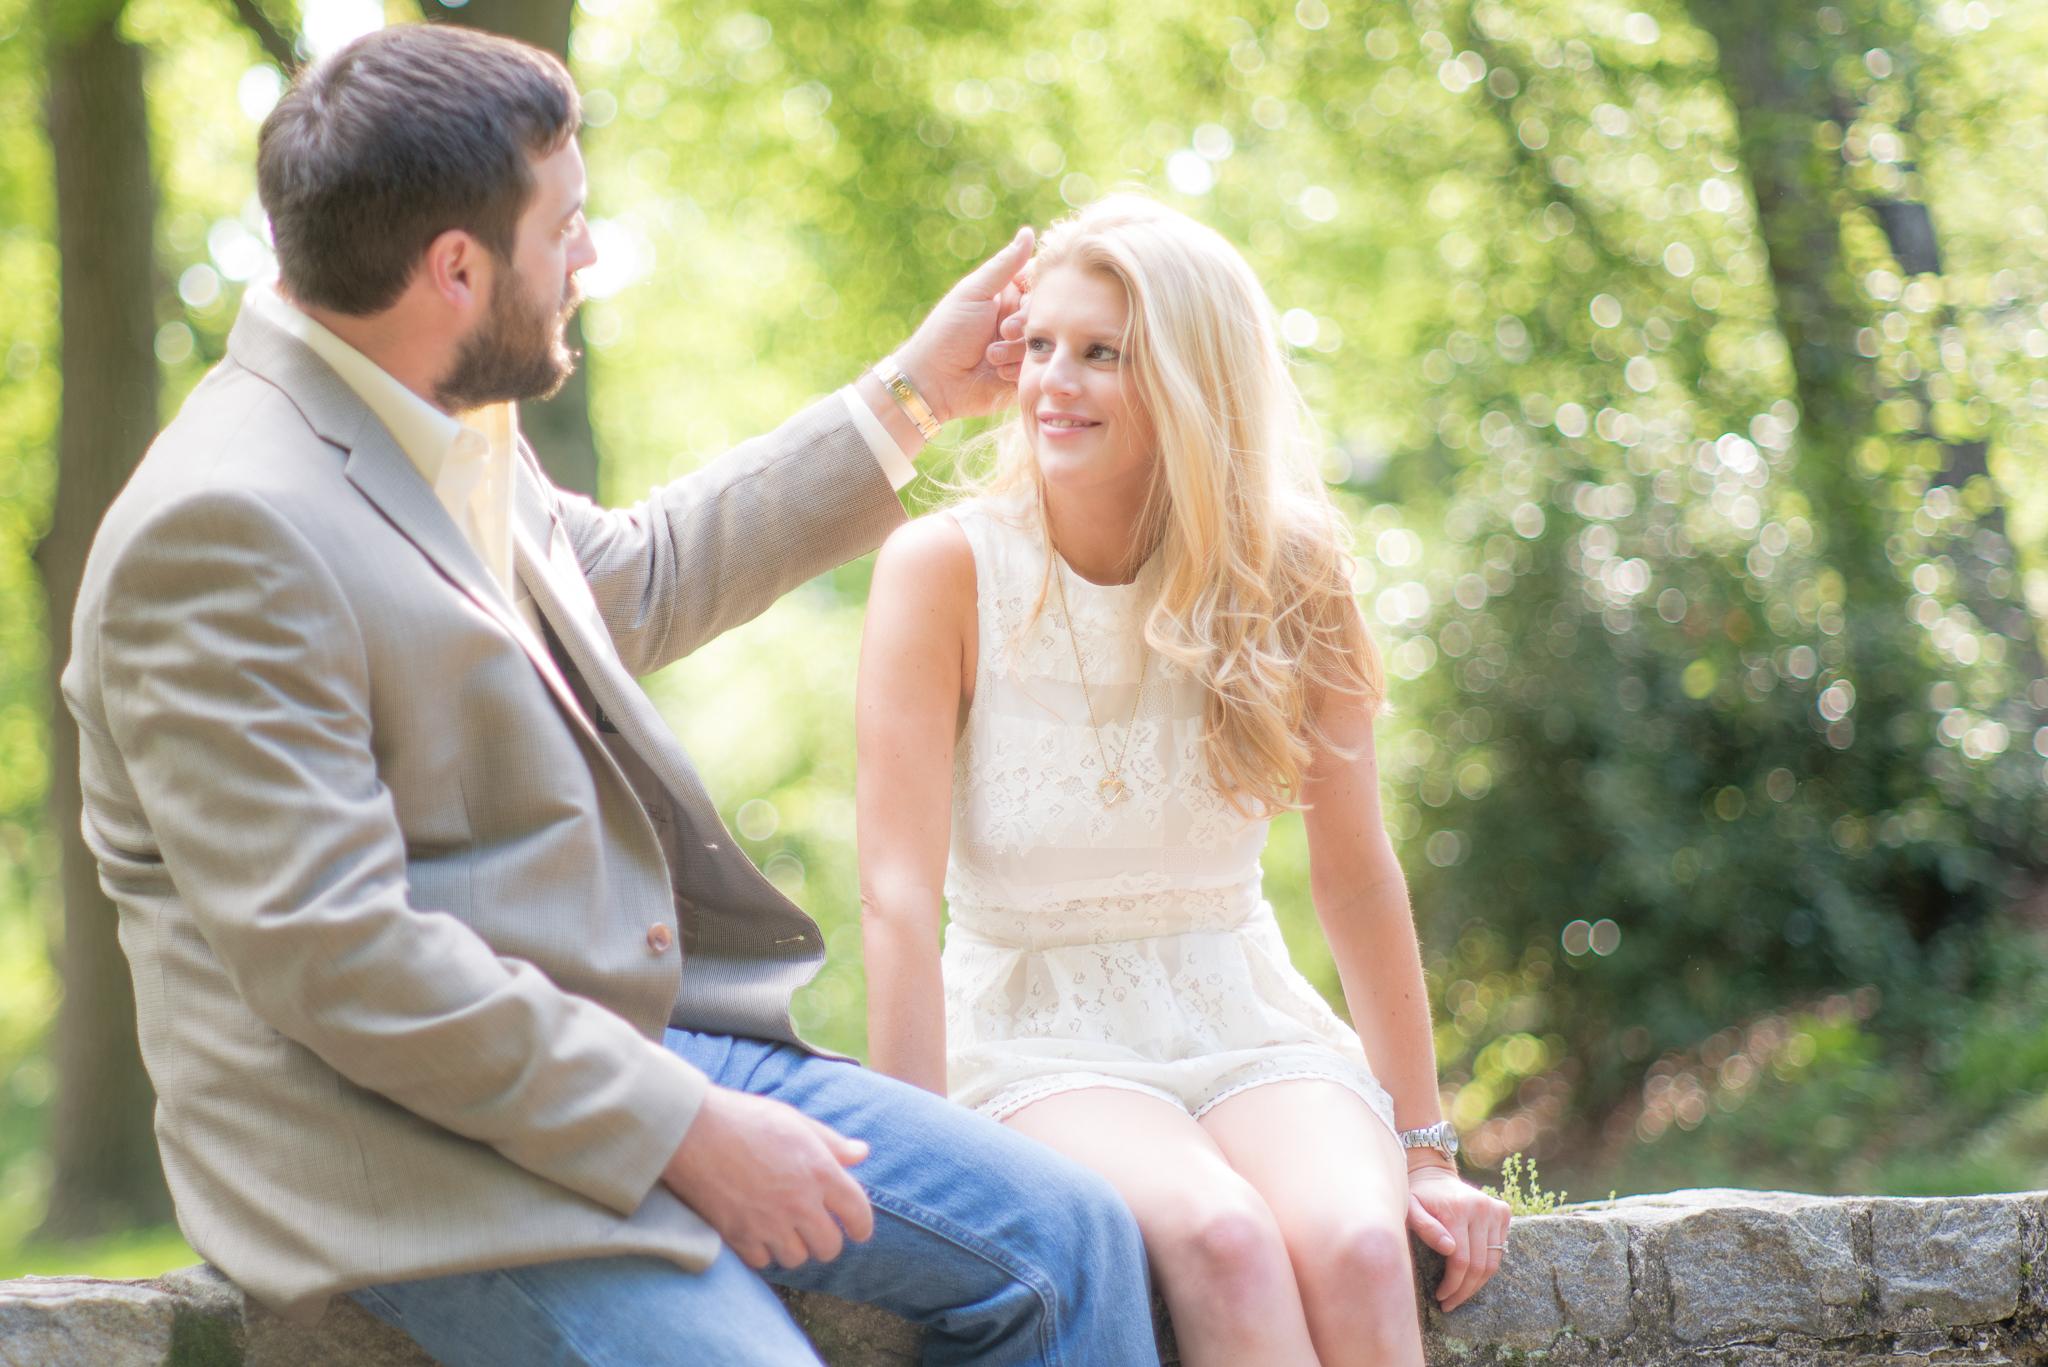 MorganKaty_engagement_wedding_iwally-4.jpg